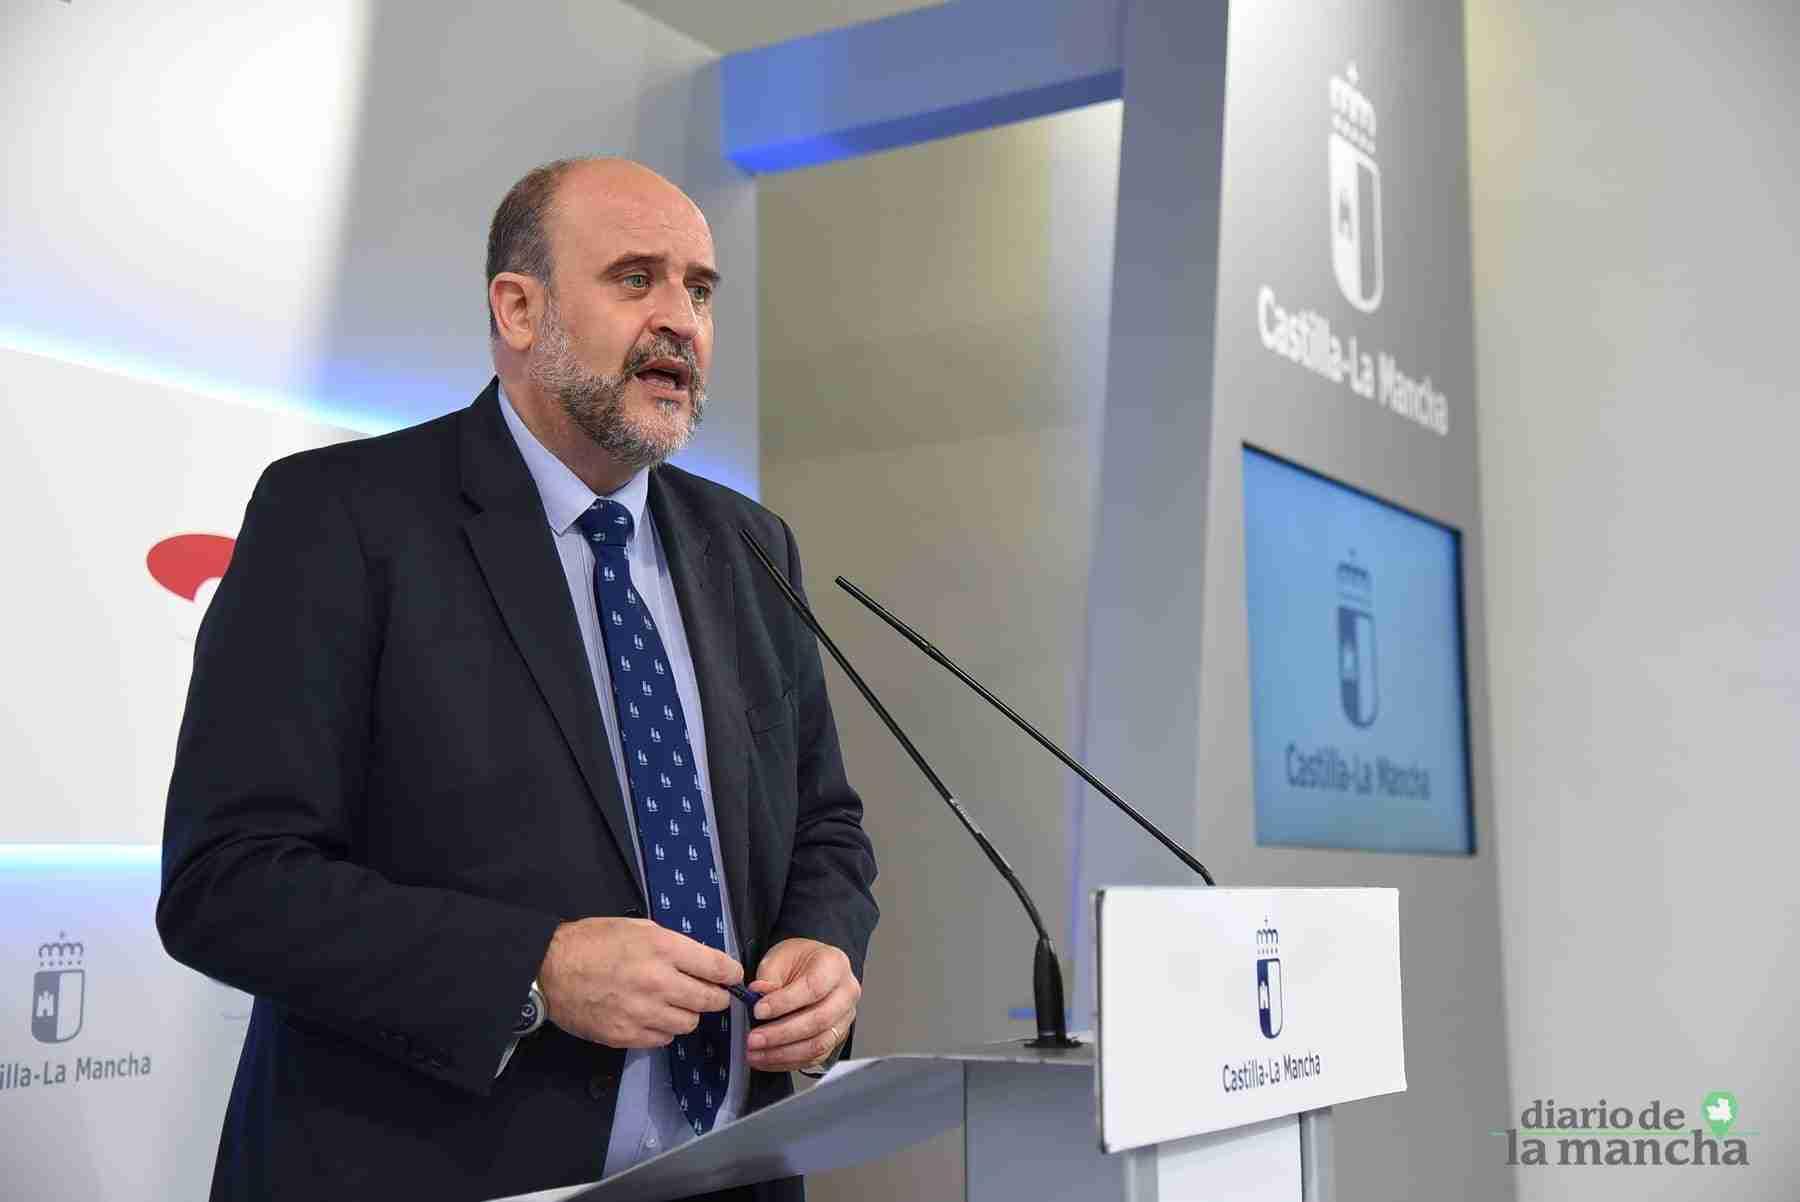 Videoconferencia de los presidentes autonómicos con el presidente del Gobierno de España 20